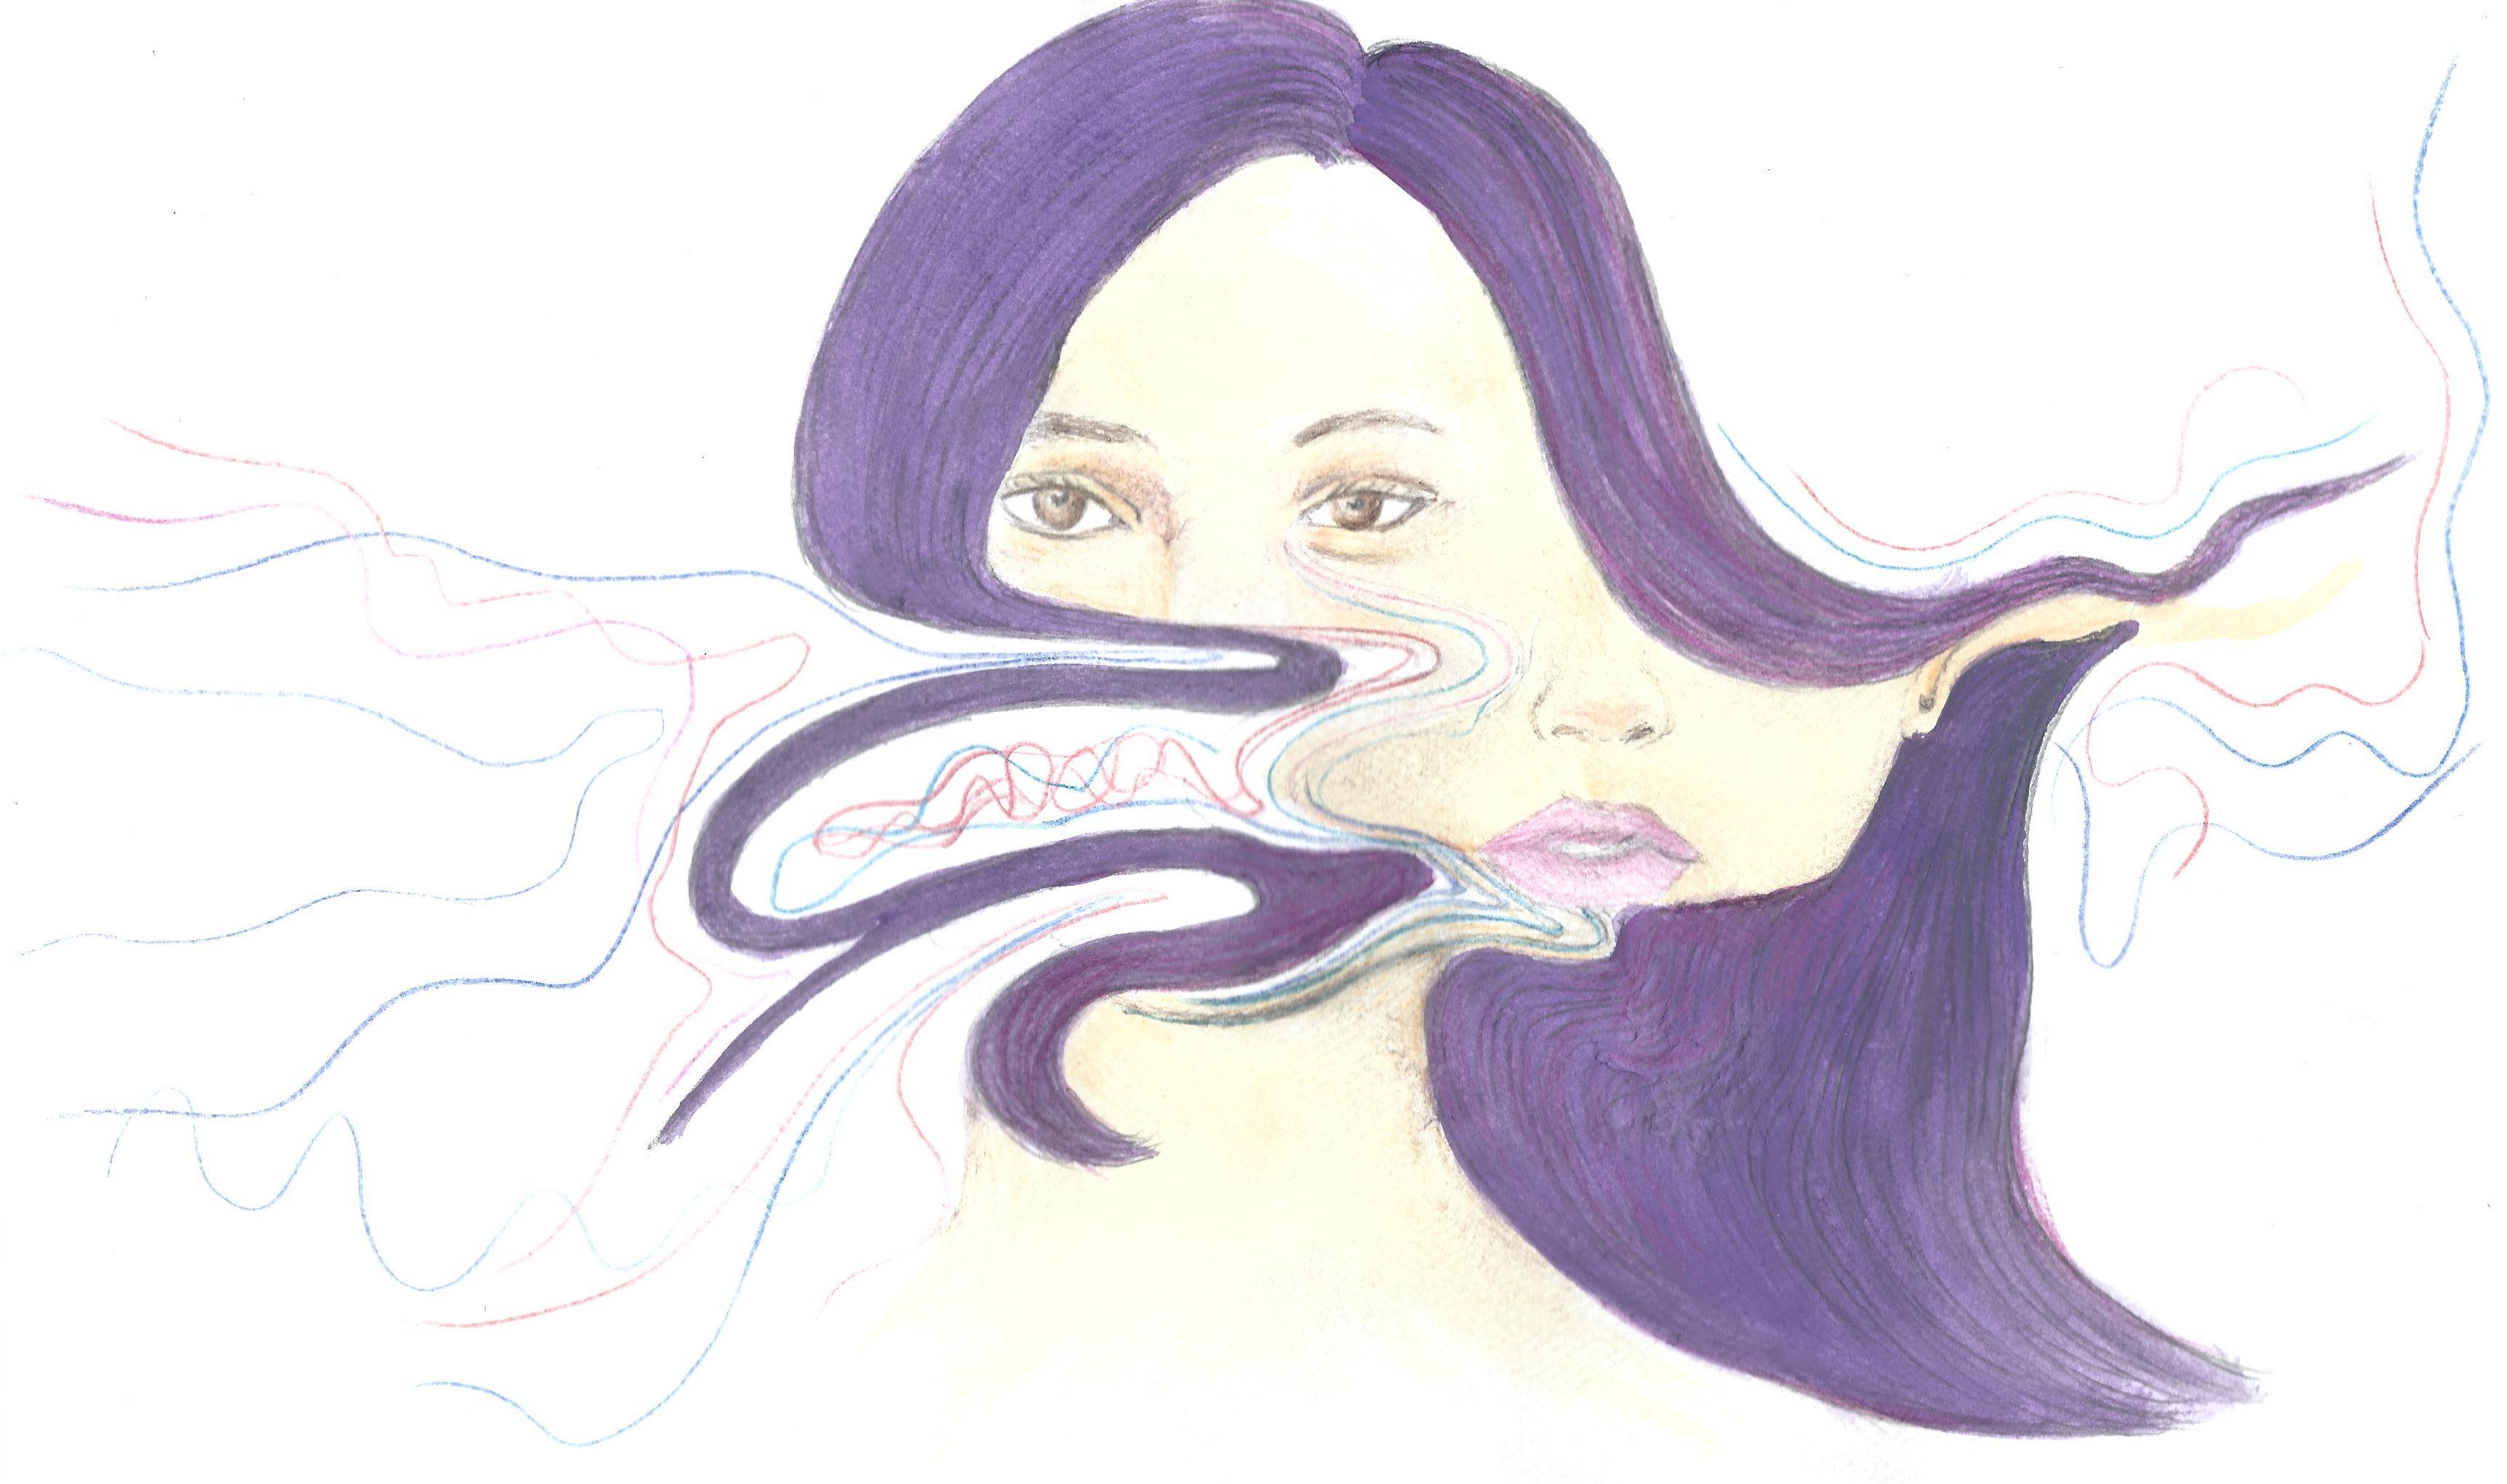 אילנית דורפמן עבור לבריאותה אפילפסיה אשה נמרח